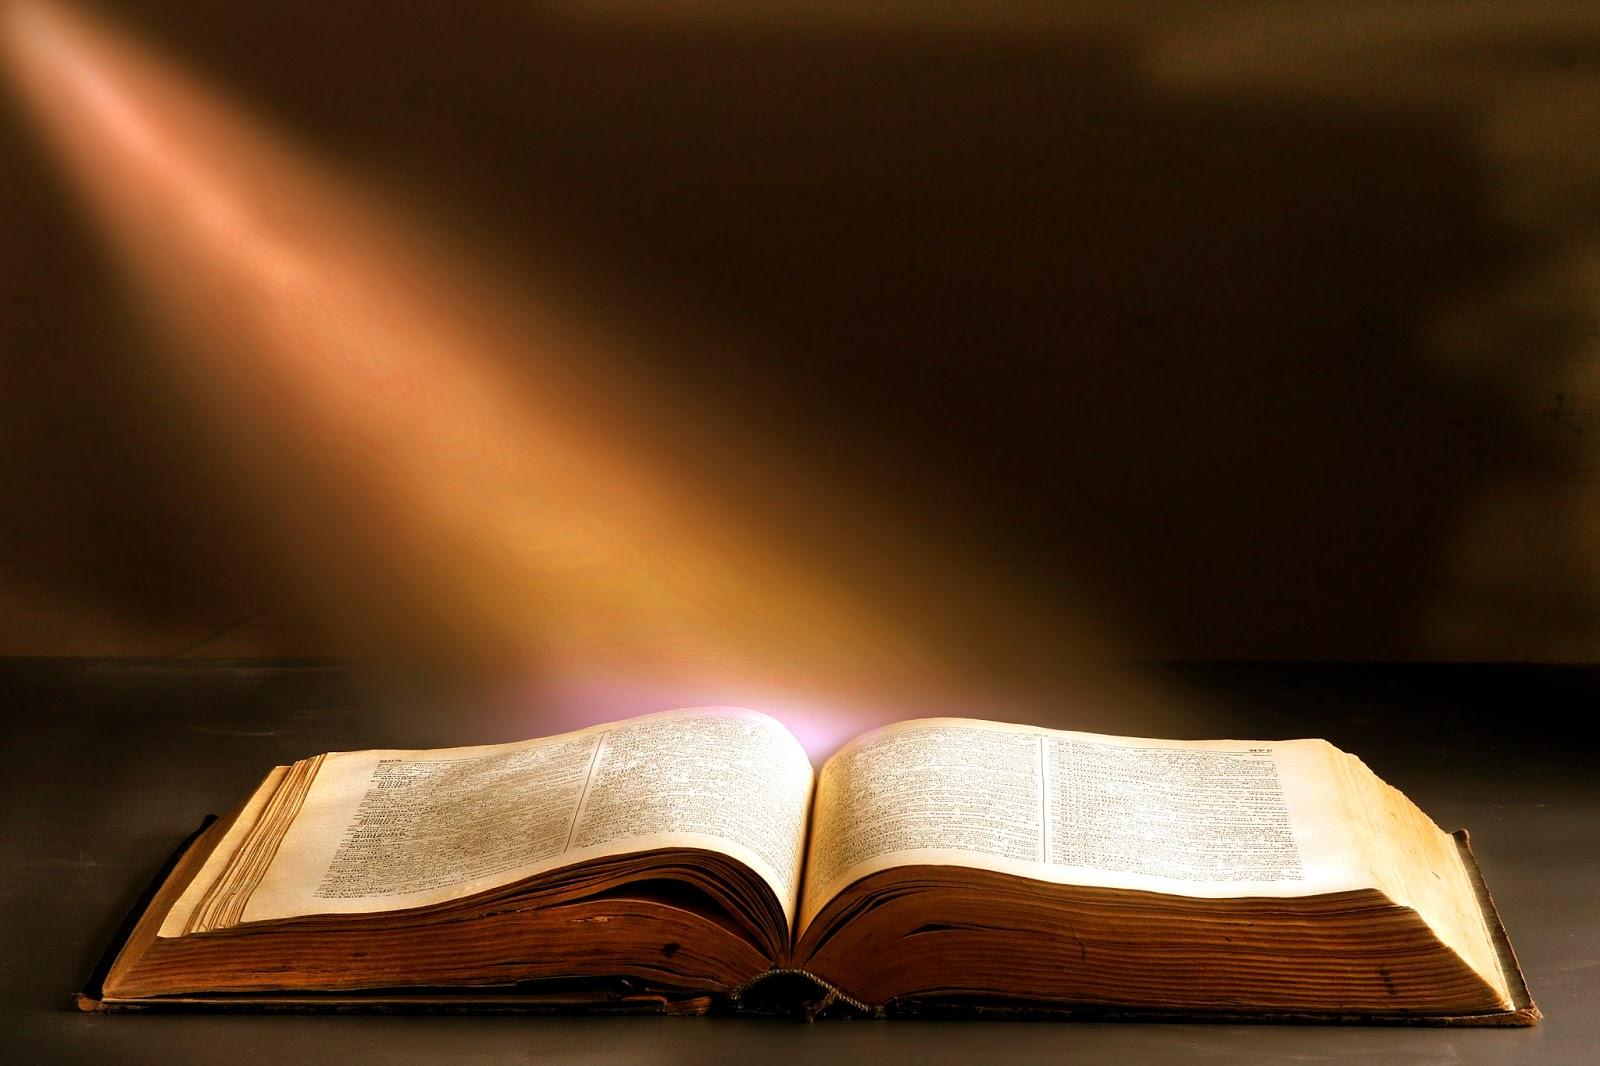 Conhecendo O Conhecimento de Deus